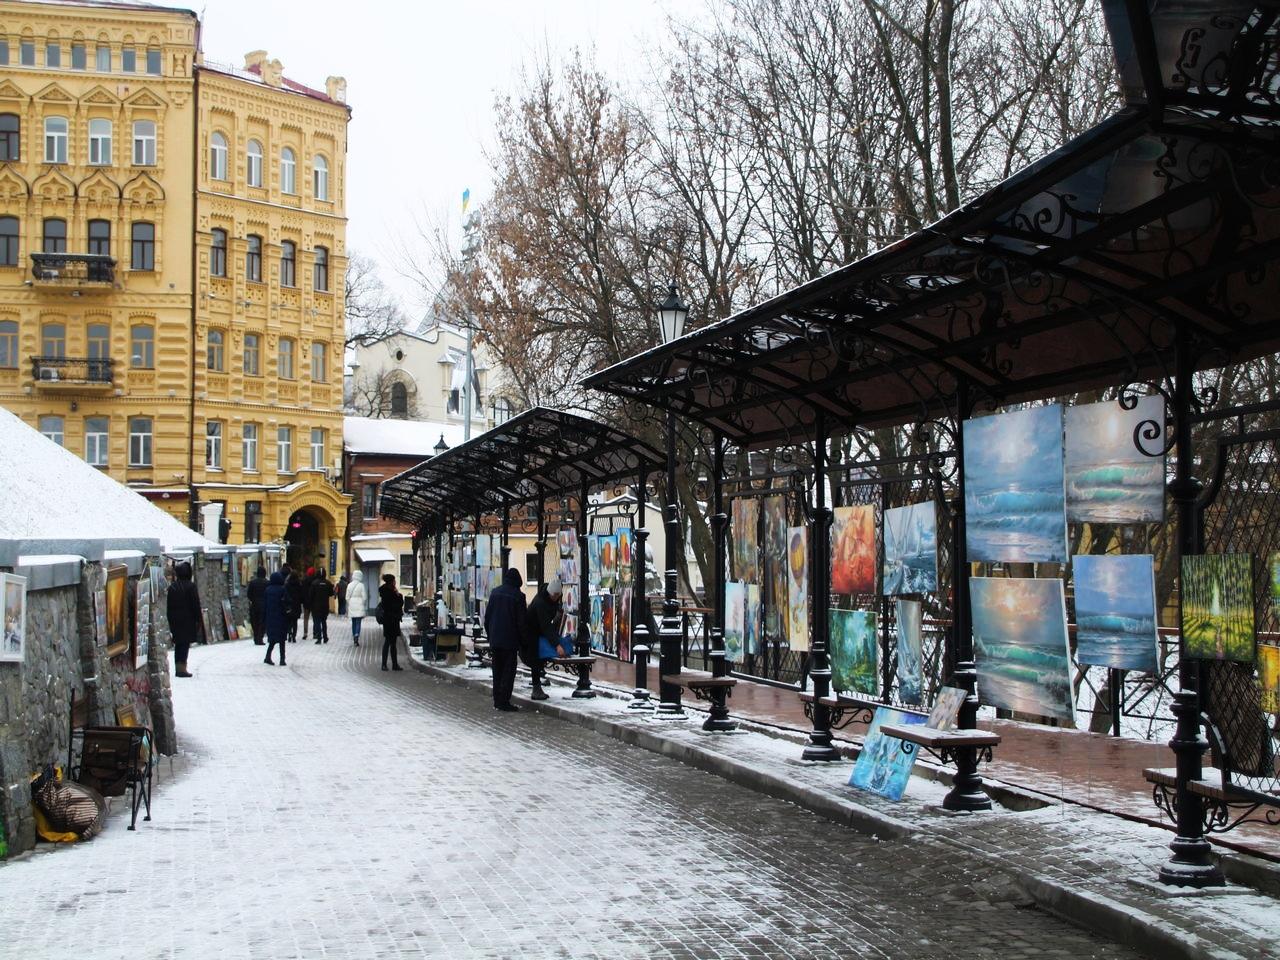 El callejón Artists Alley junto al descenso de San Andrés, es una de mis zonas favoritas de Kiev.